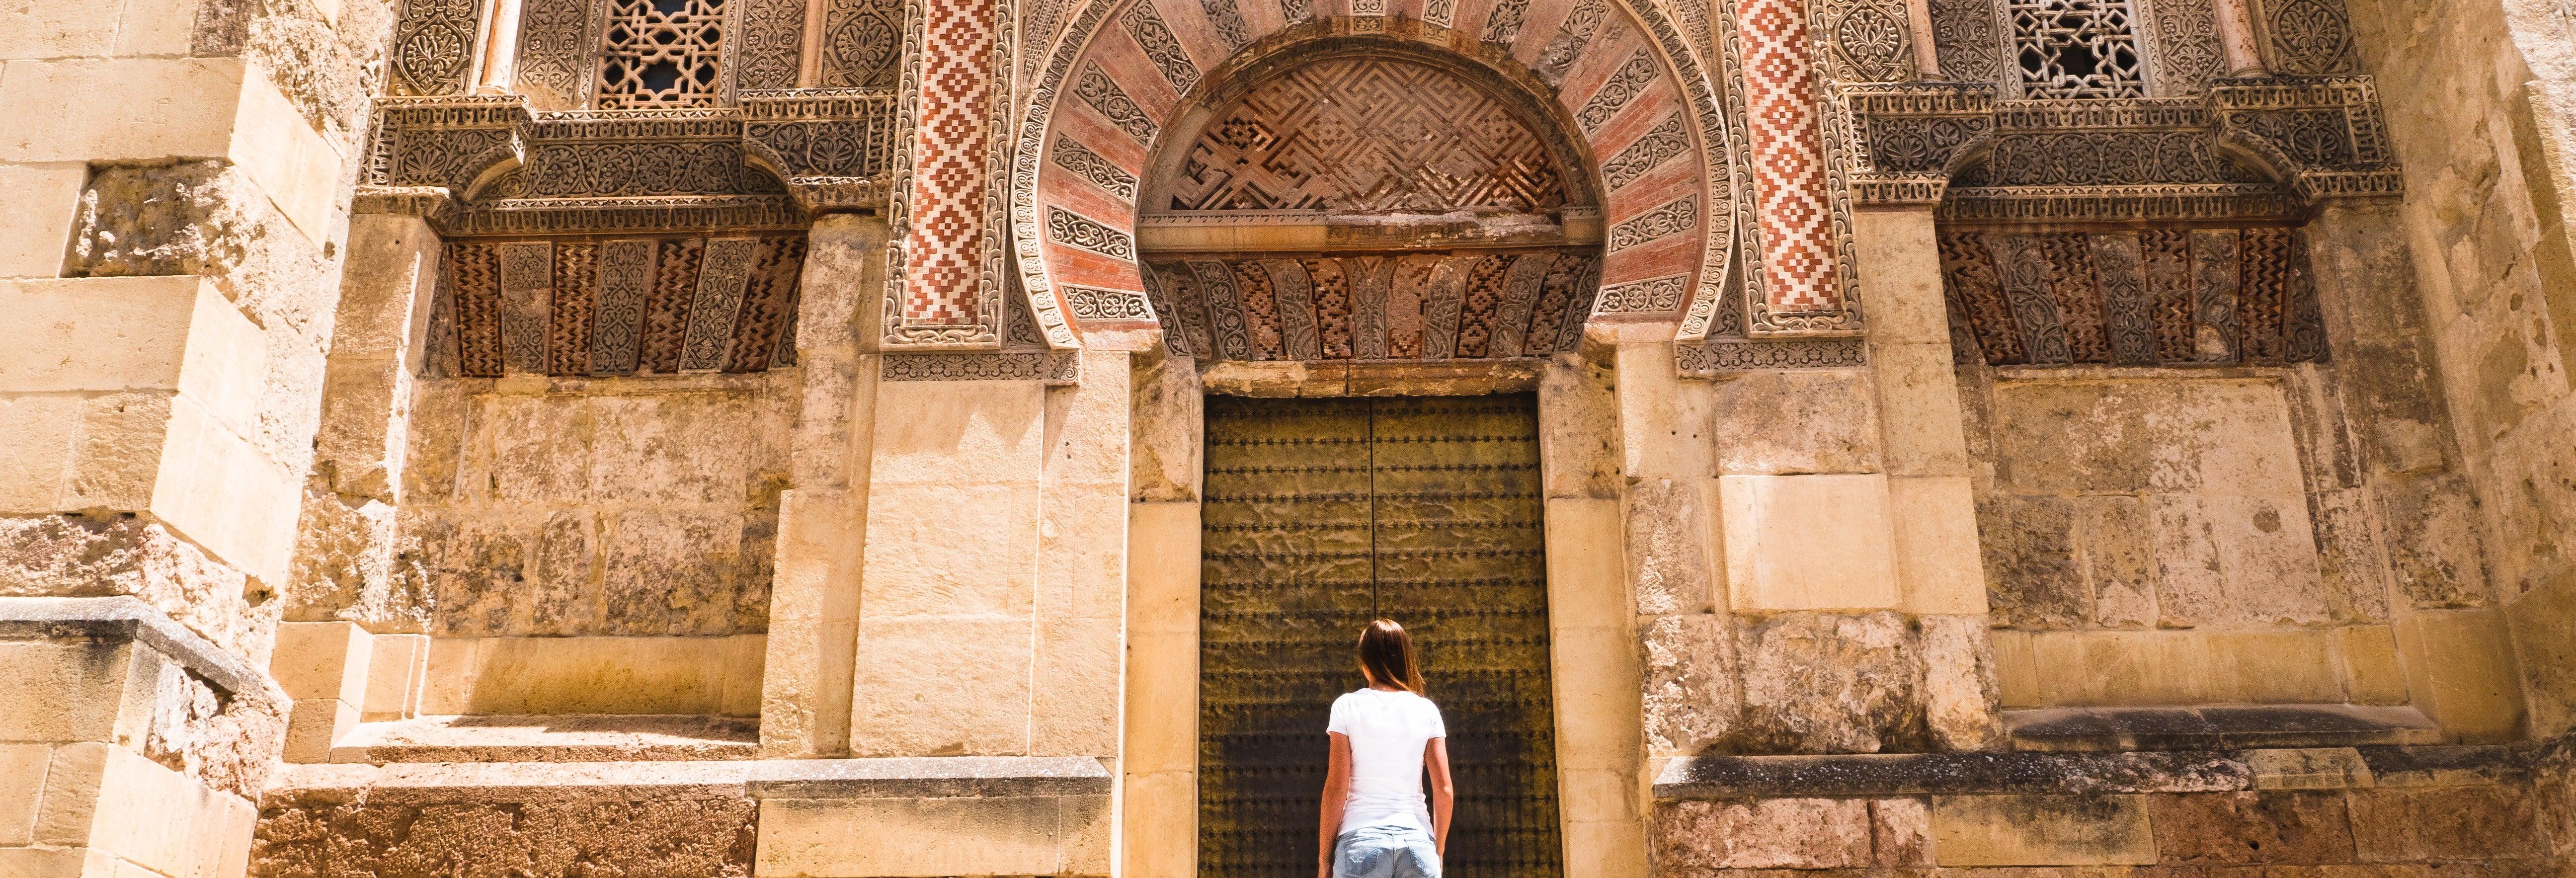 Visite guidée de la Mosquée-cathédrale de Cordoue